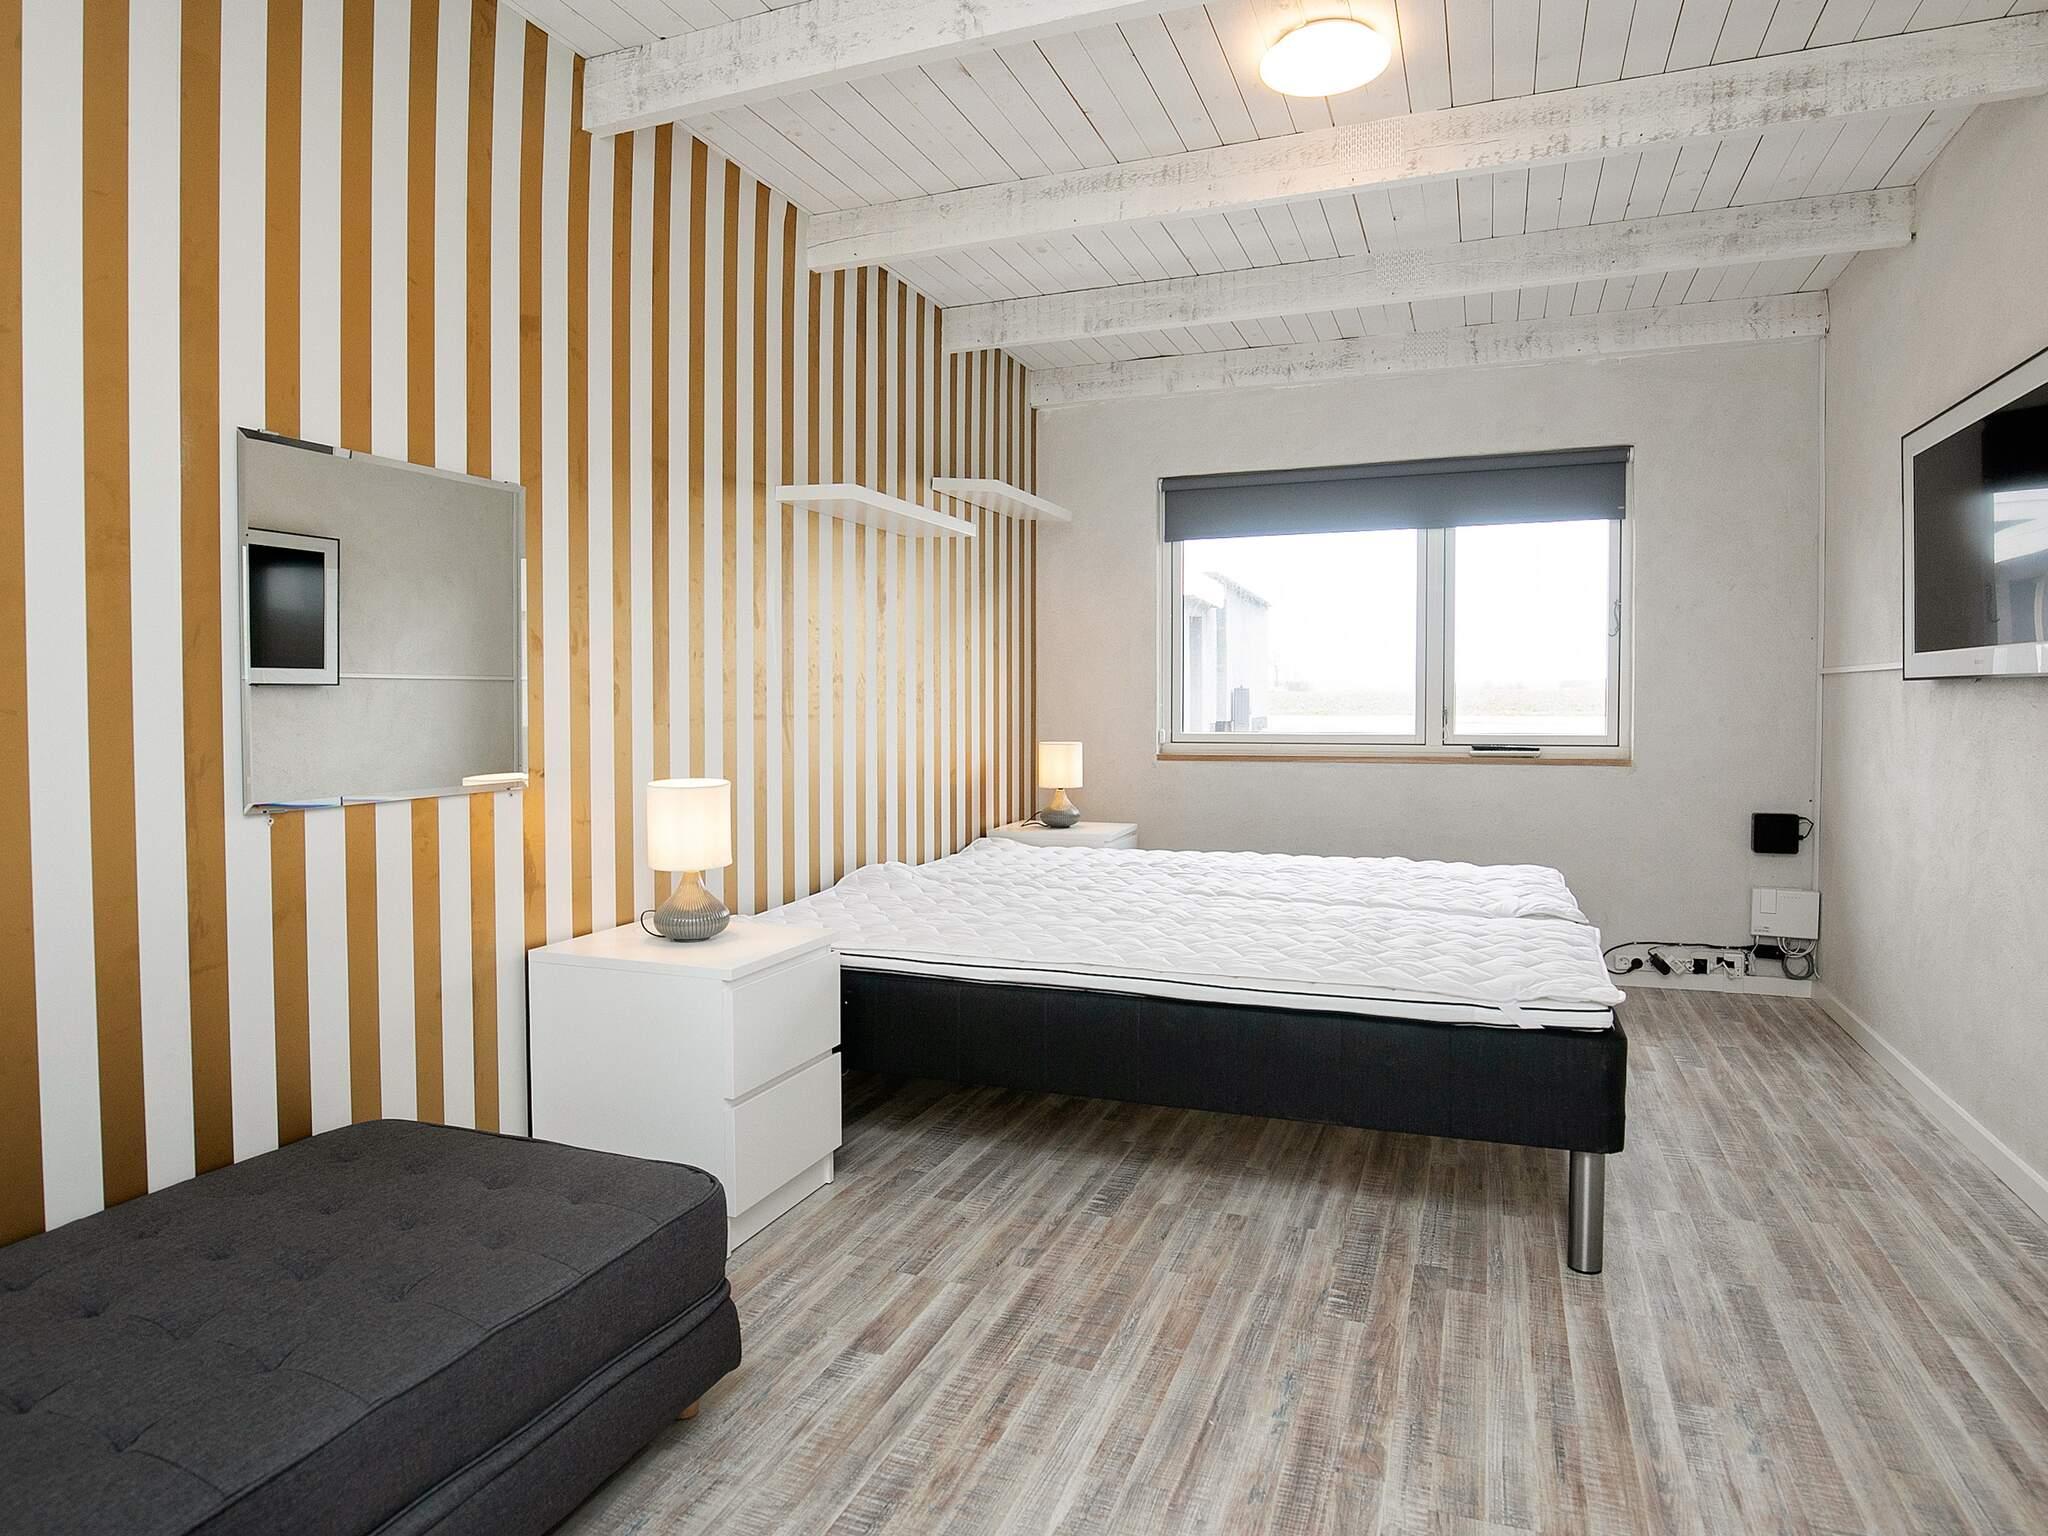 Ferienhaus Marielyst (2561595), Marielyst, , Falster, Dänemark, Bild 8